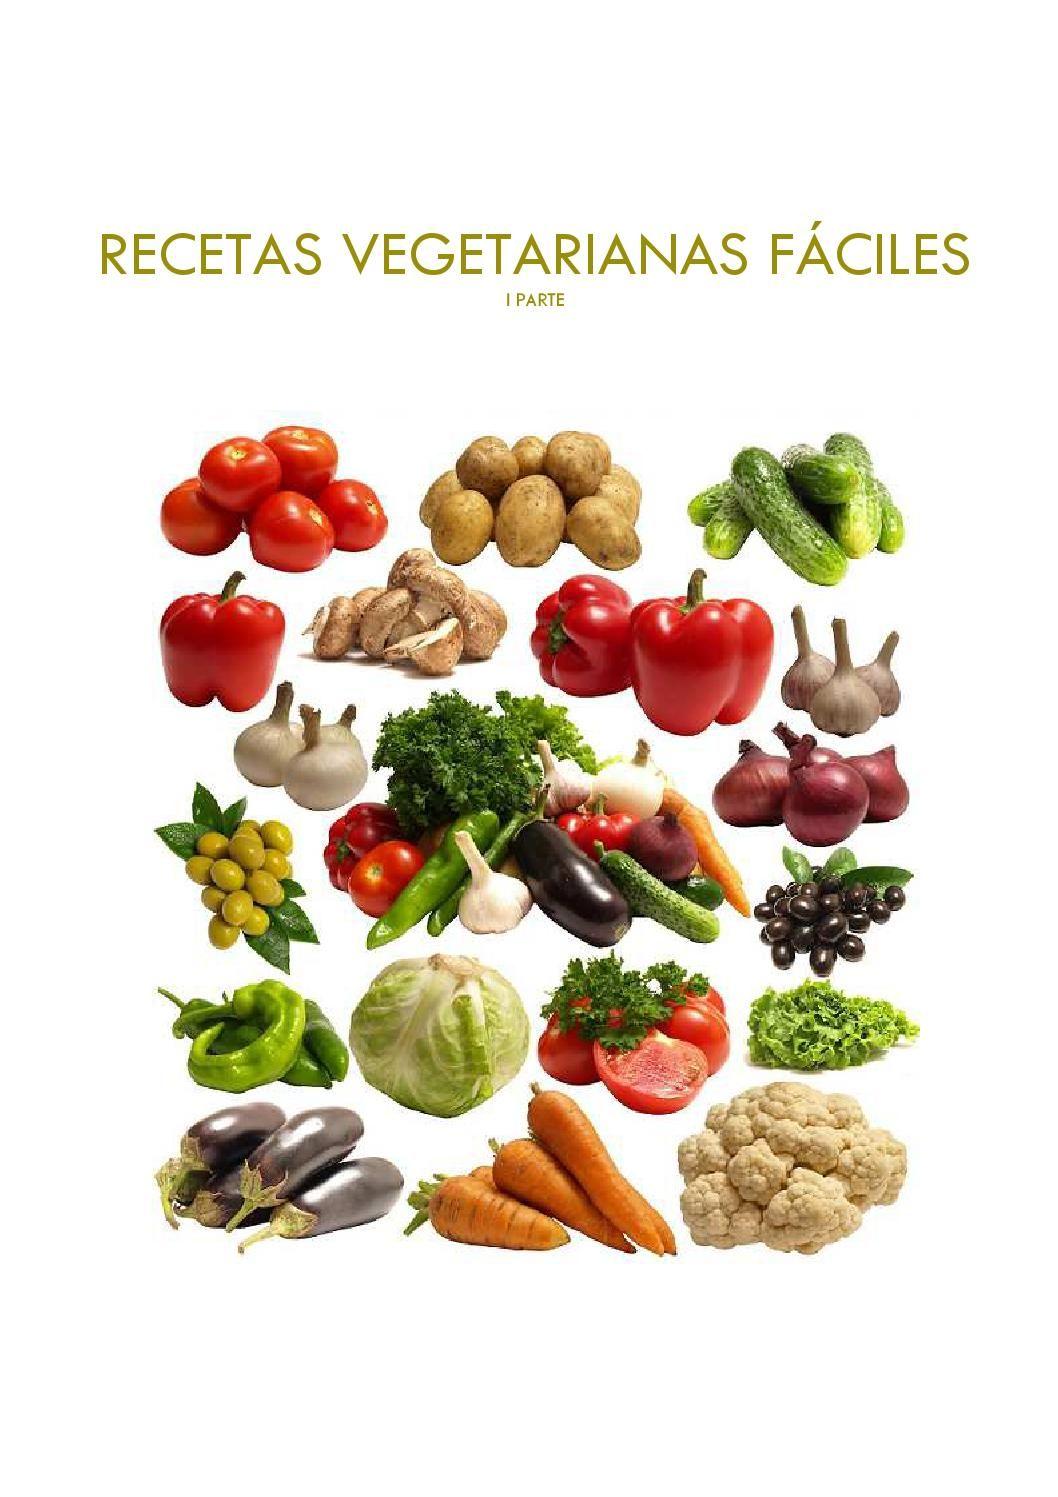 Recetas vegetarianas f ciles con thermomix parte 1 recetas for Cocina saludable en 30 minutos thermomix